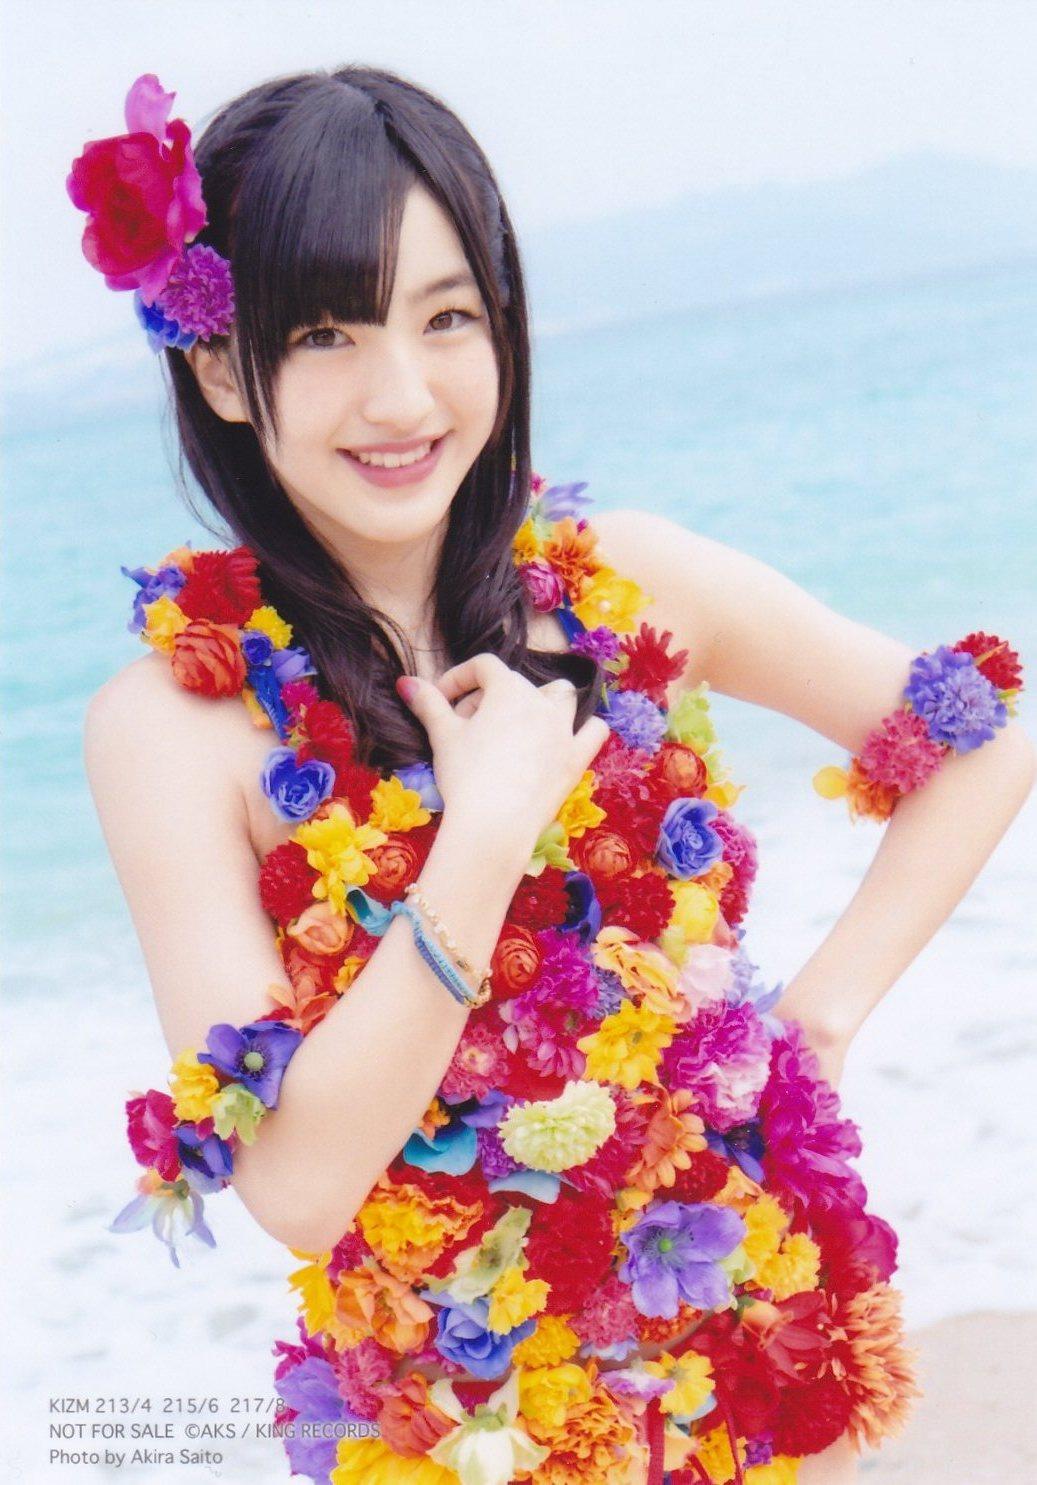 海の前でカラフルな衣装に身を包むHKT48の田島芽瑠